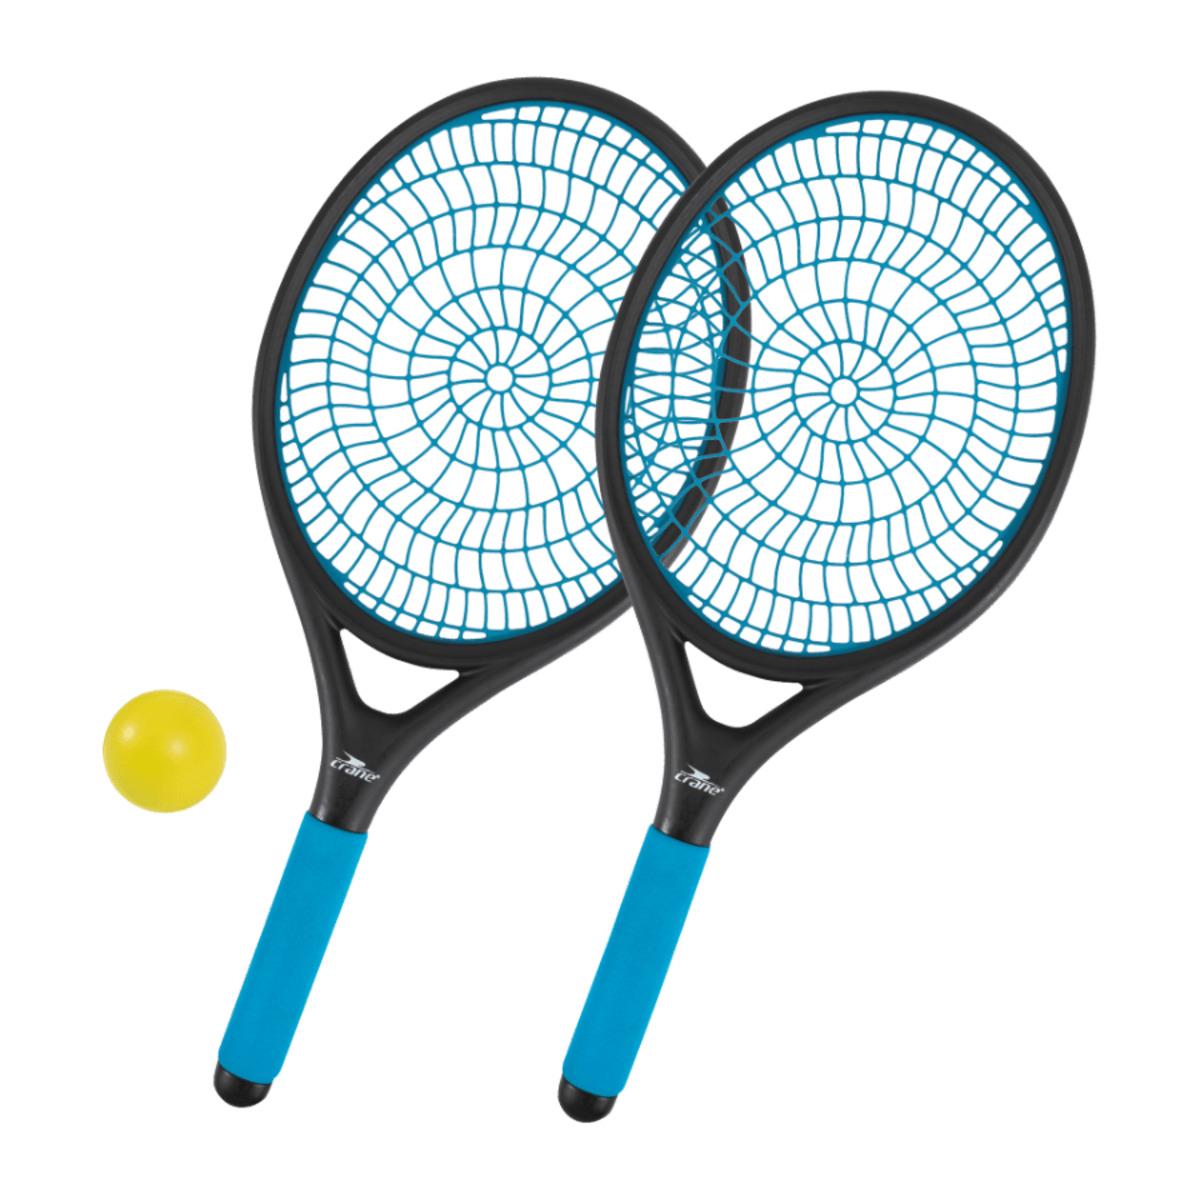 Bild 2 von CRANE     Garten-Tennis-Set